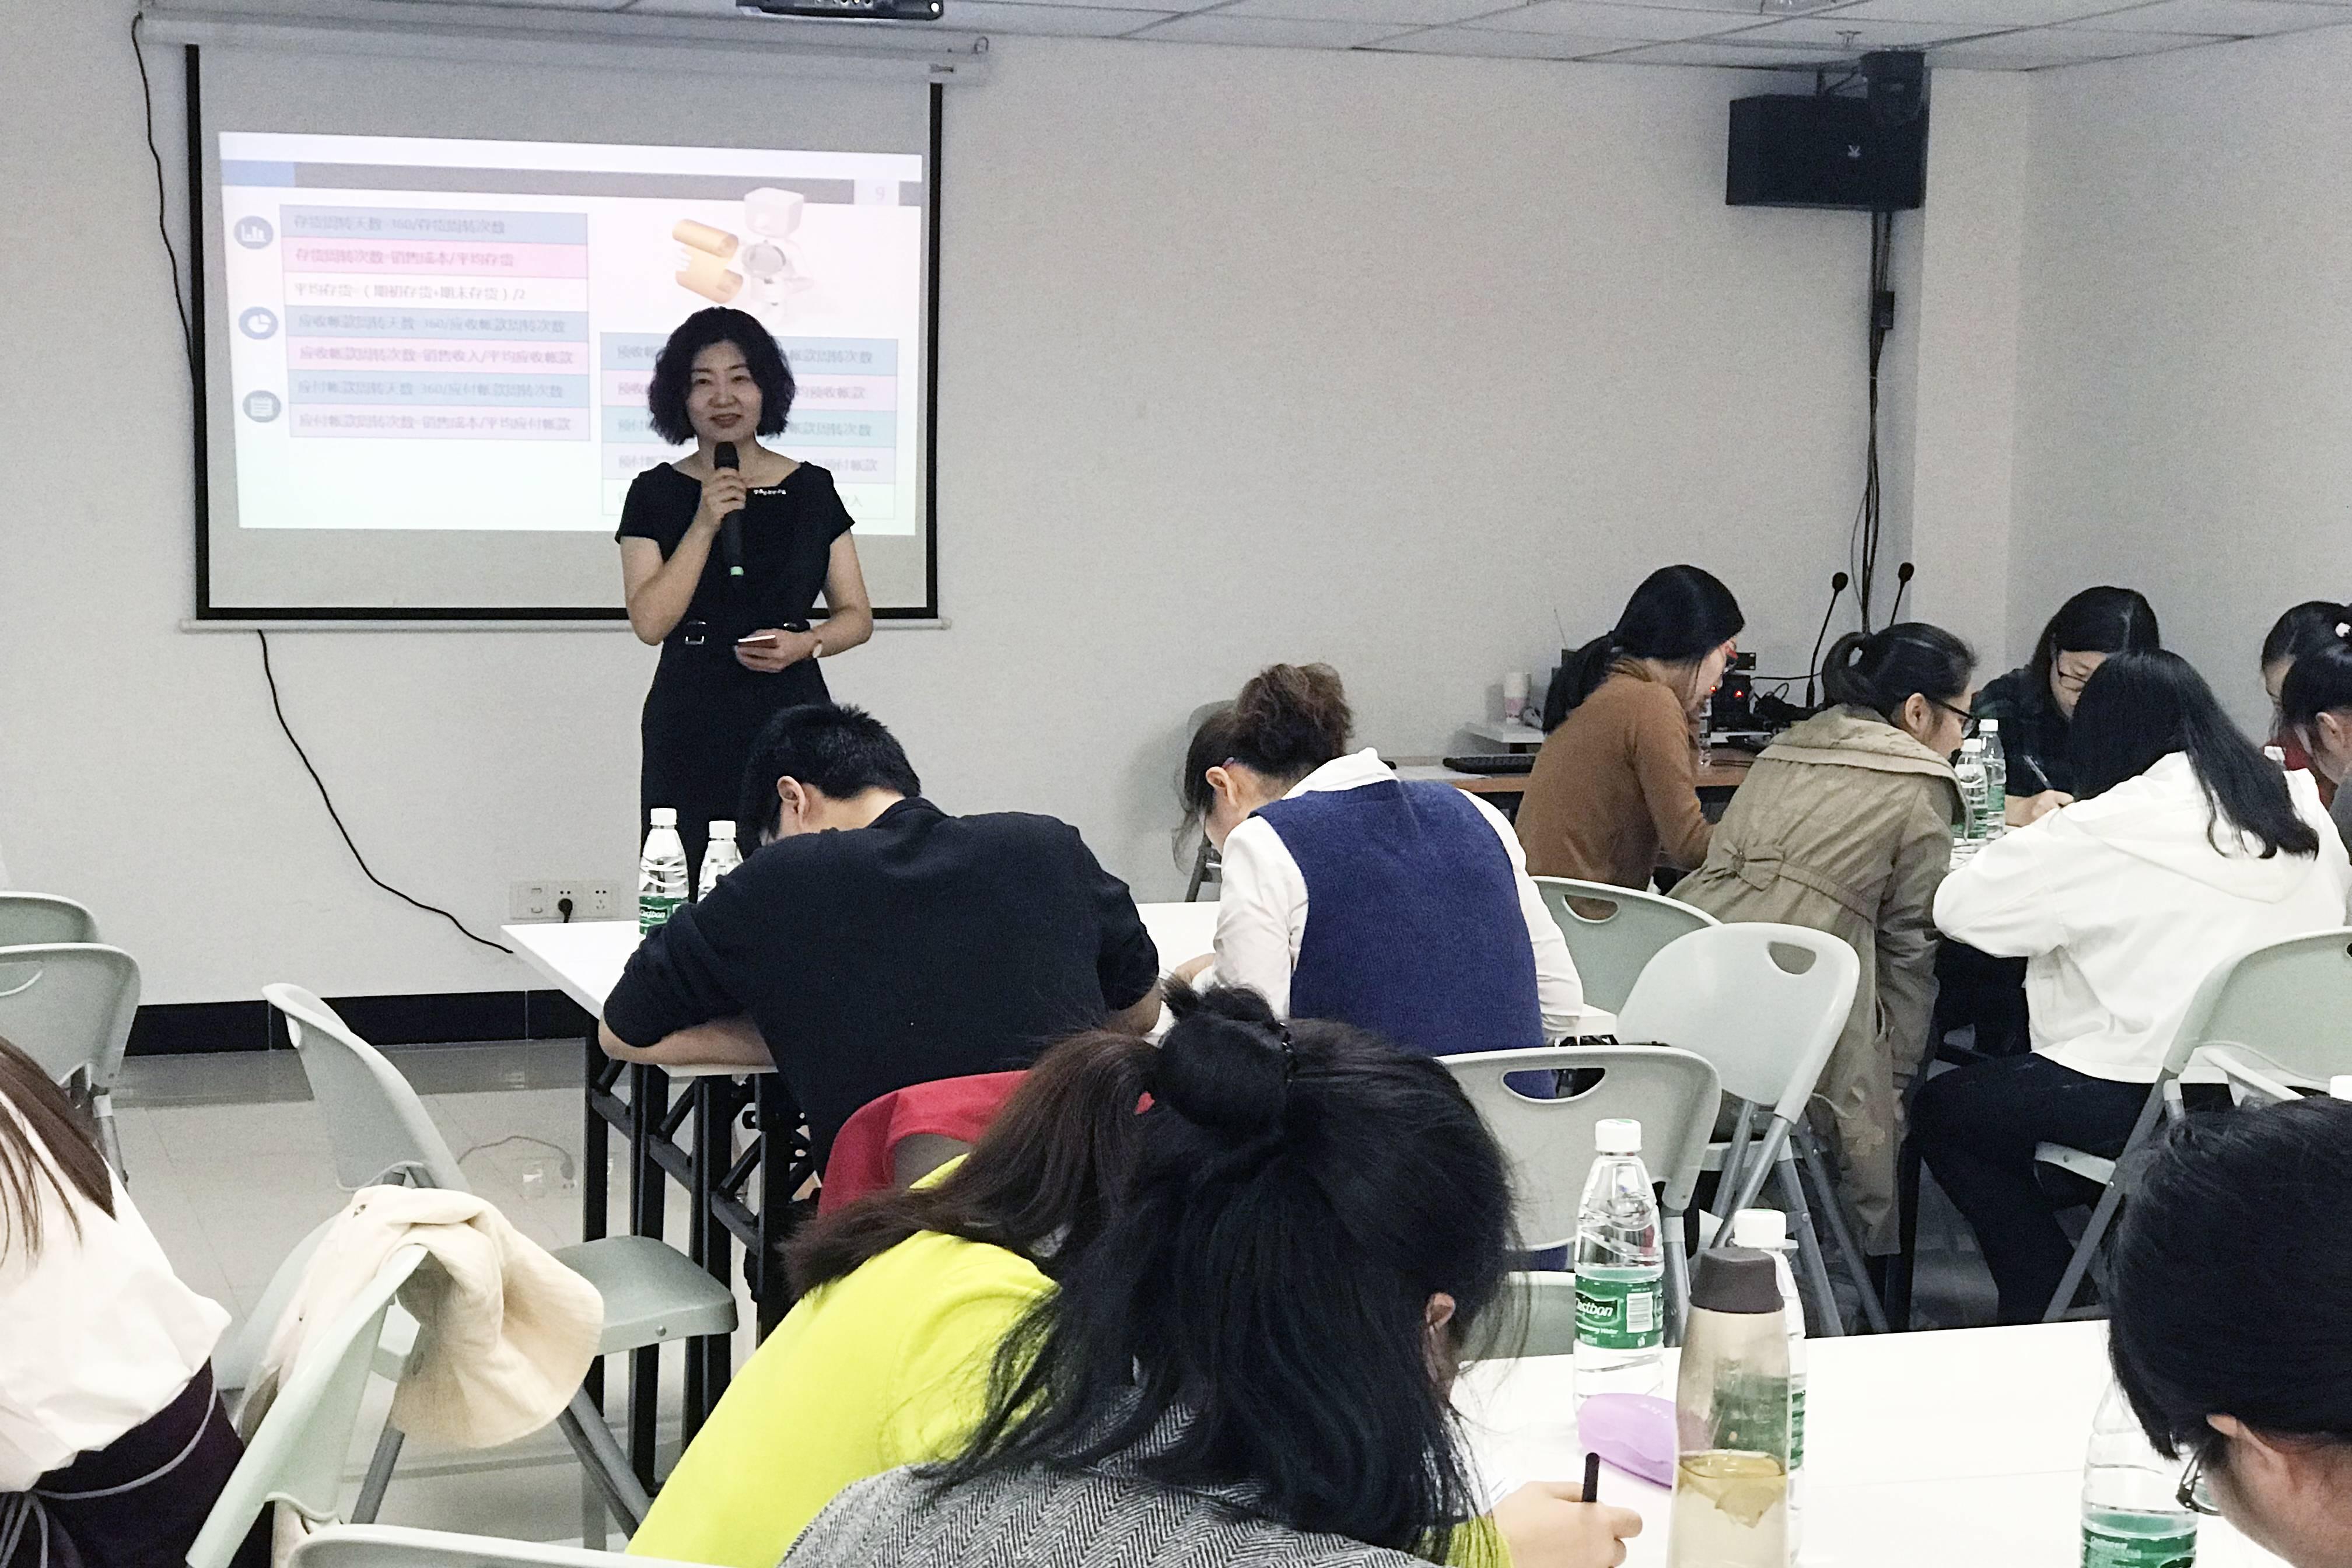 ju111.net财税内训走进宁德万和投资集团:《运营资金管控》